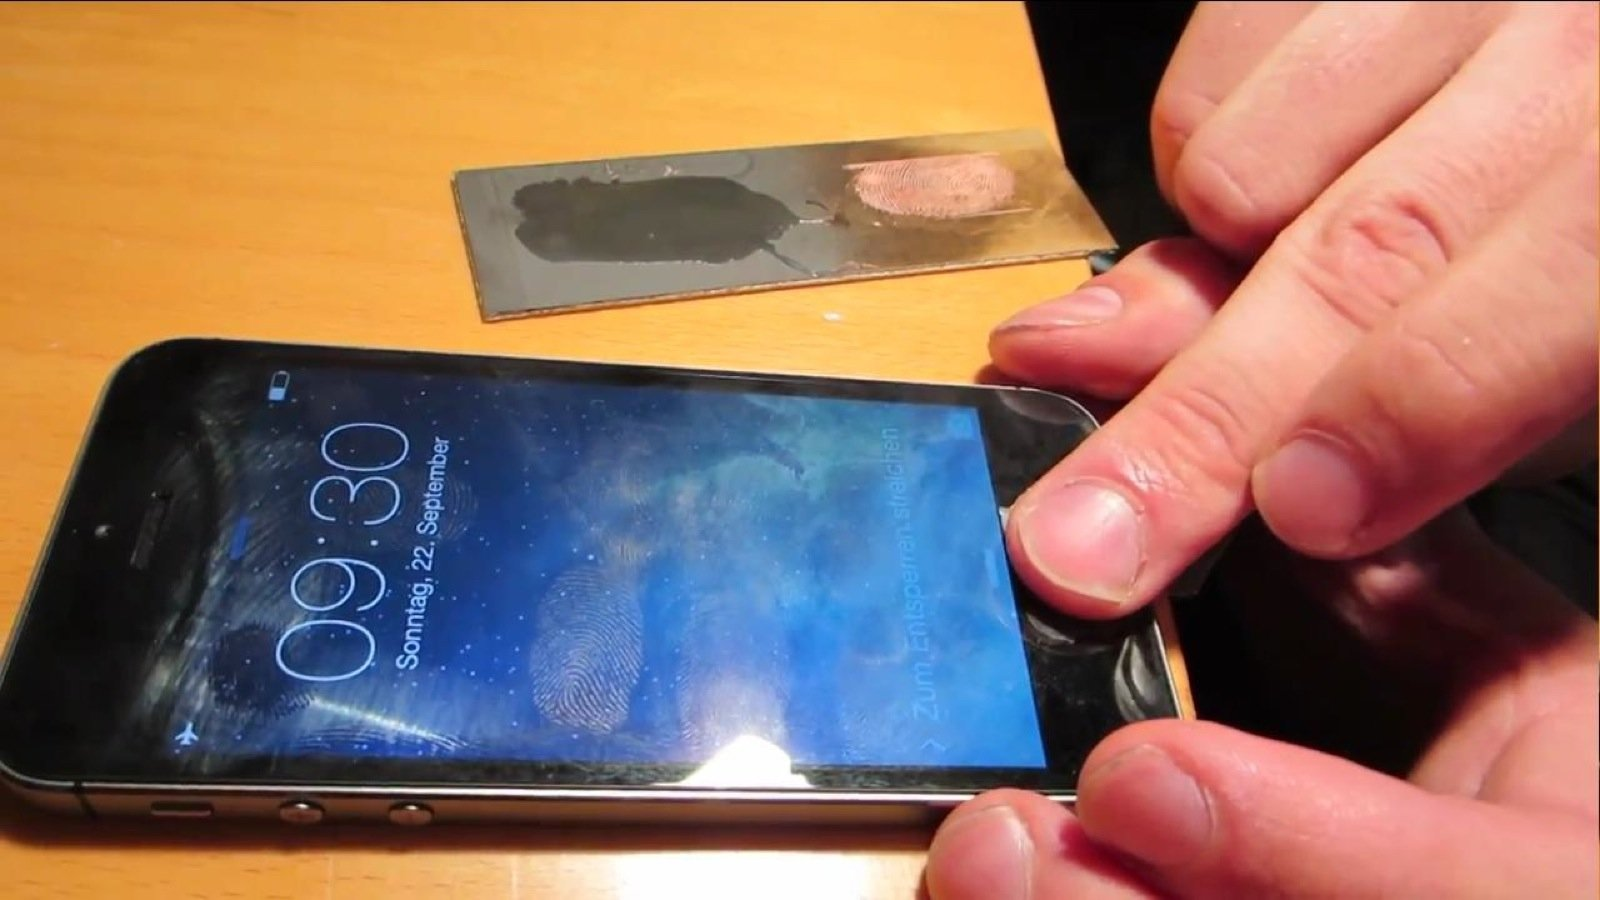 Der Fingerscanner des iPhone-5s wurde bereits überlistet.